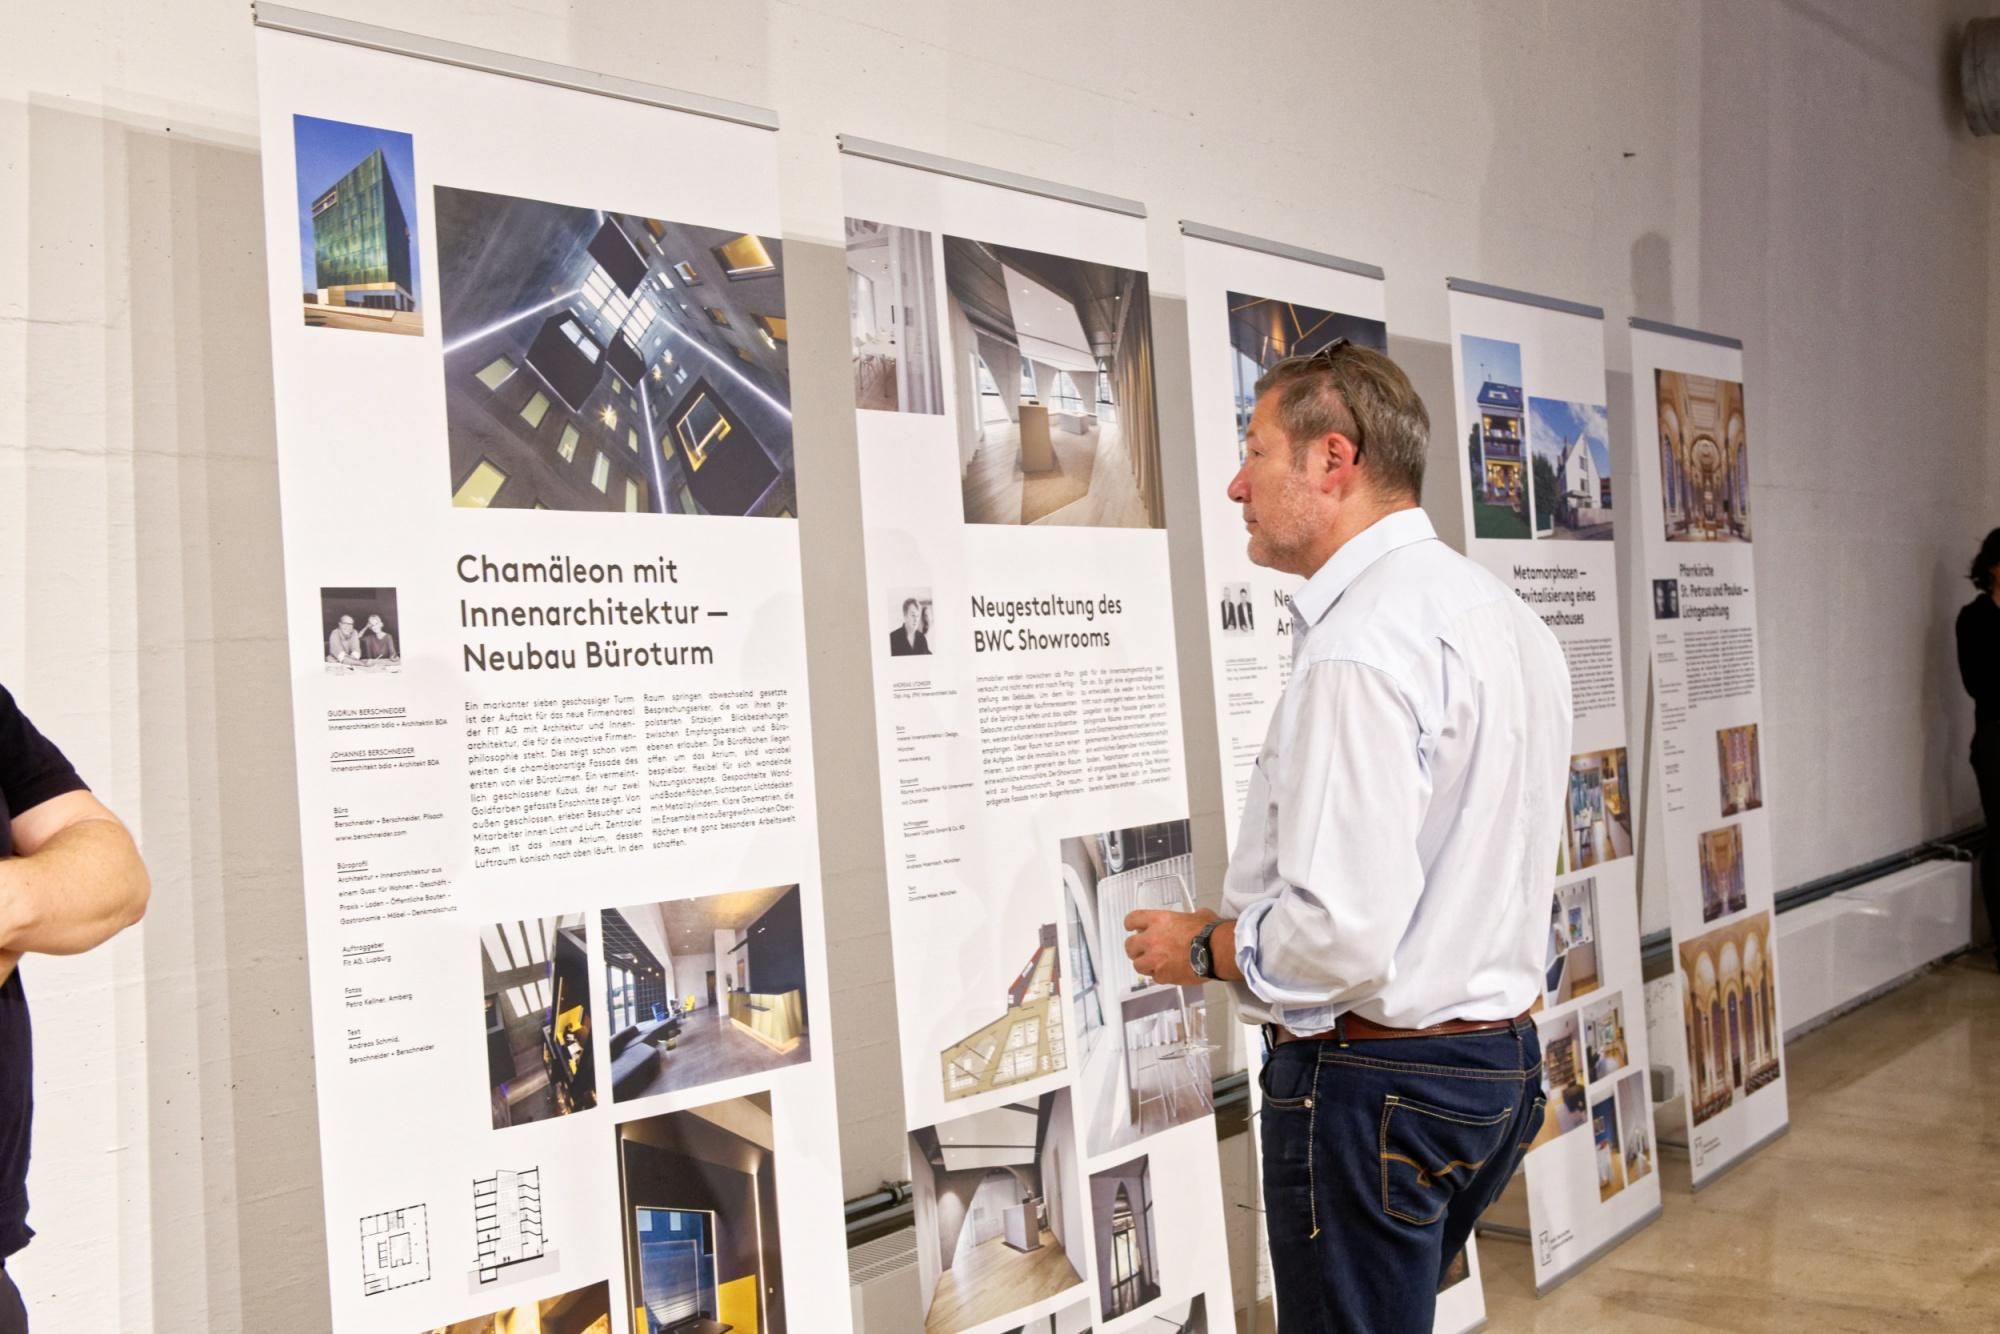 Kategorie BDIA Bayern - bund deutscher innenarchitekten bdia